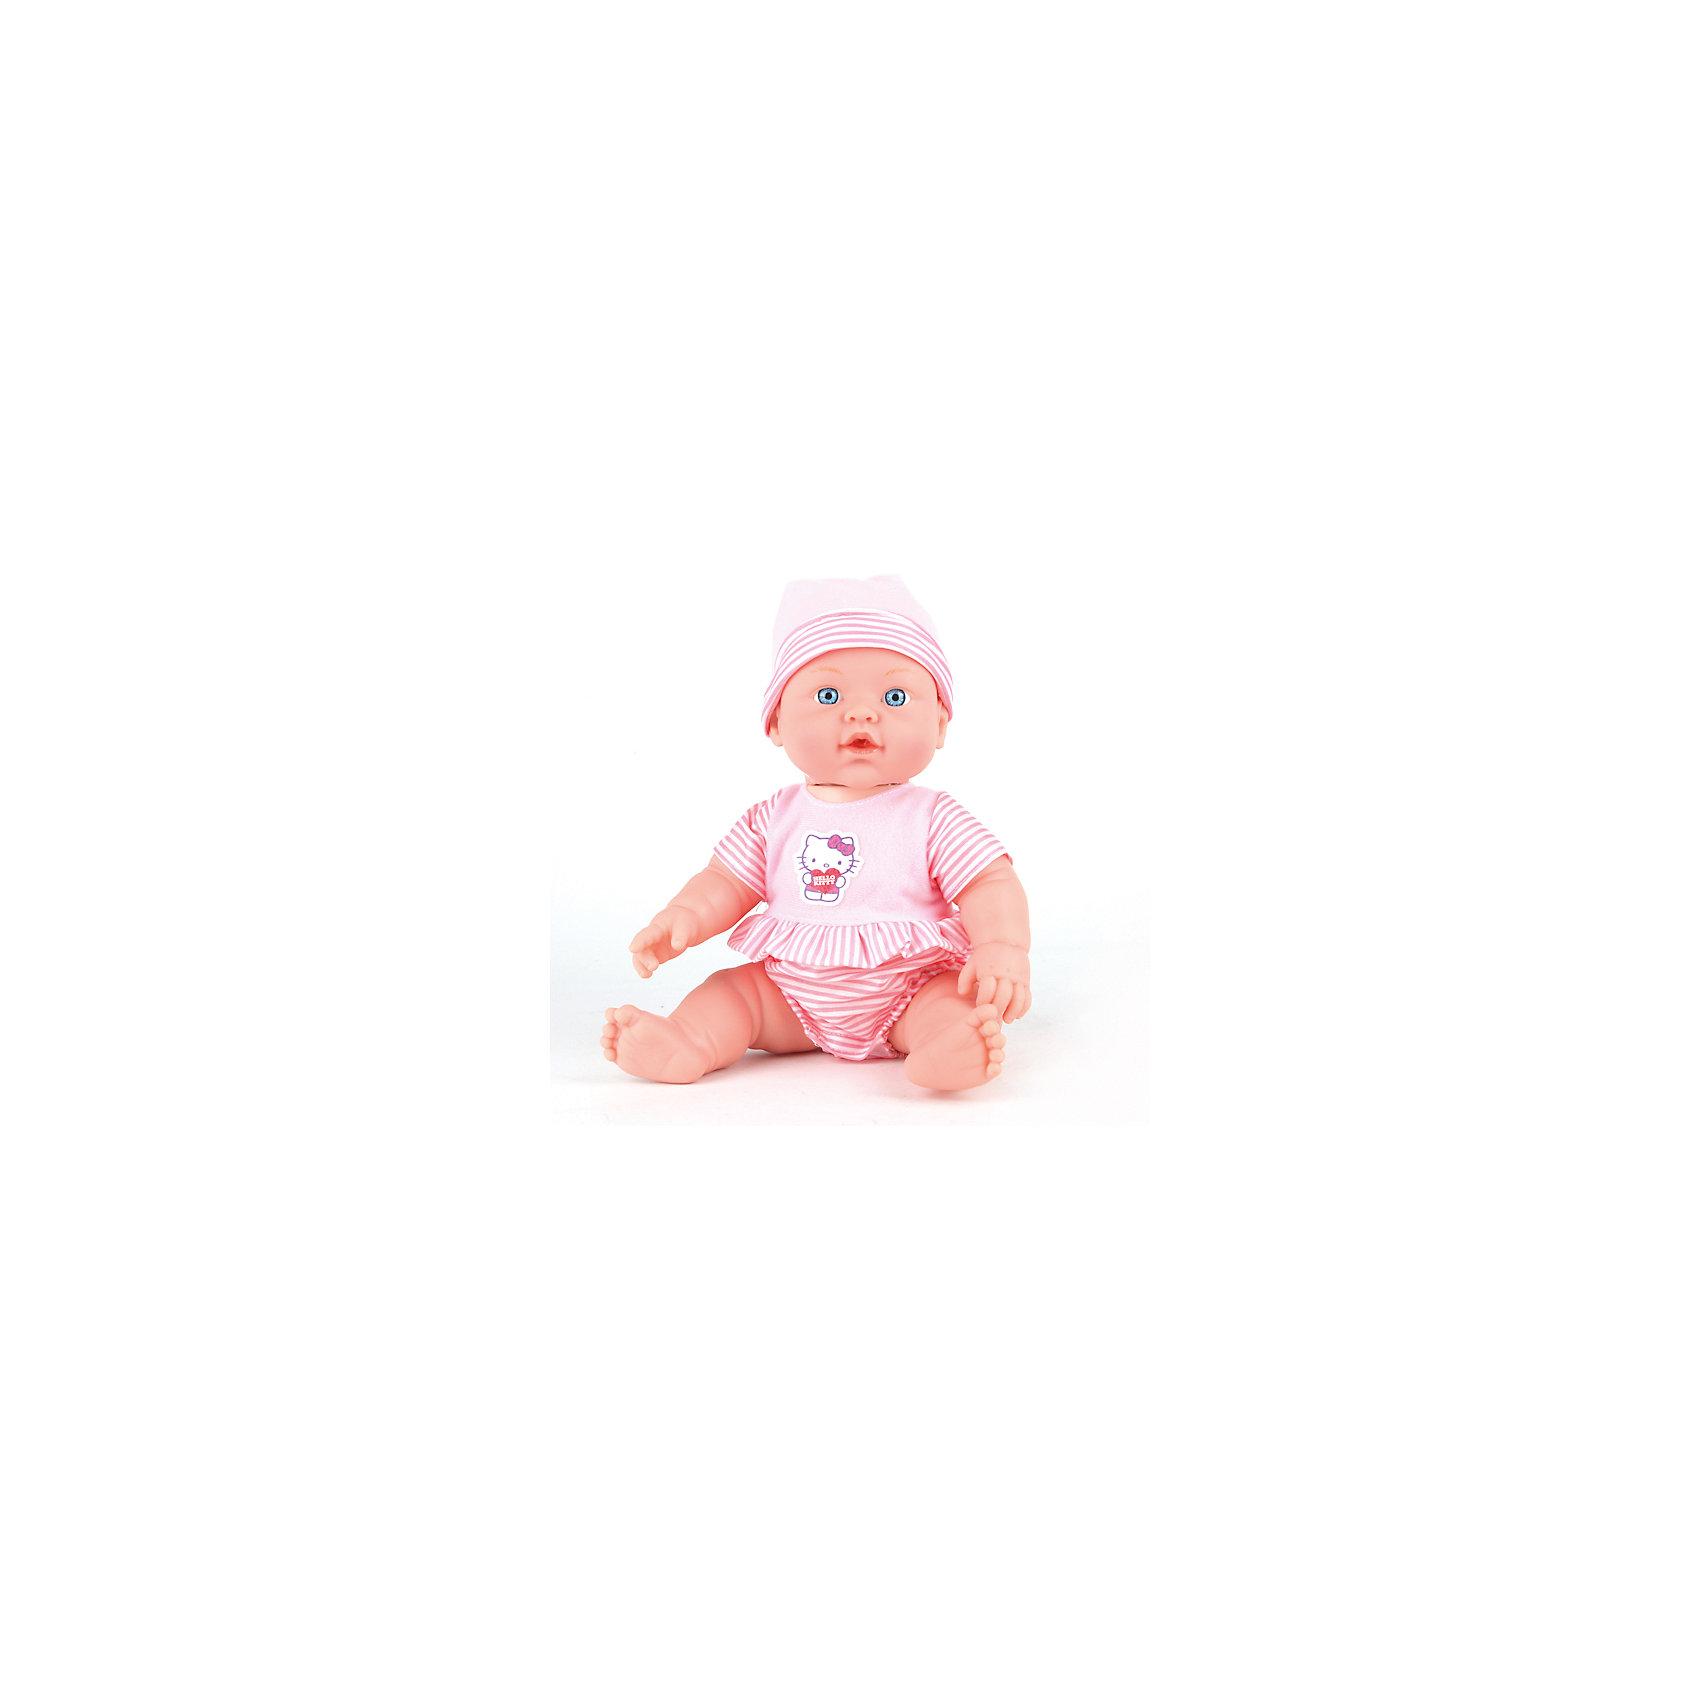 Кукла-пупс Карапуз Hello Kitty, 30 смКуклы-пупсы<br>Этот милый пупс умеет пить из бутылочки и писать в горшочек, если нажать на ножку, а также плакать настоящими слезами, если нажать на ручку,его можно купать. Он одет в костюмчик с дизайном Hello Kitty.<br><br>Ширина мм: 250<br>Глубина мм: 150<br>Высота мм: 300<br>Вес г: 640<br>Возраст от месяцев: 36<br>Возраст до месяцев: 84<br>Пол: Женский<br>Возраст: Детский<br>SKU: 7117603